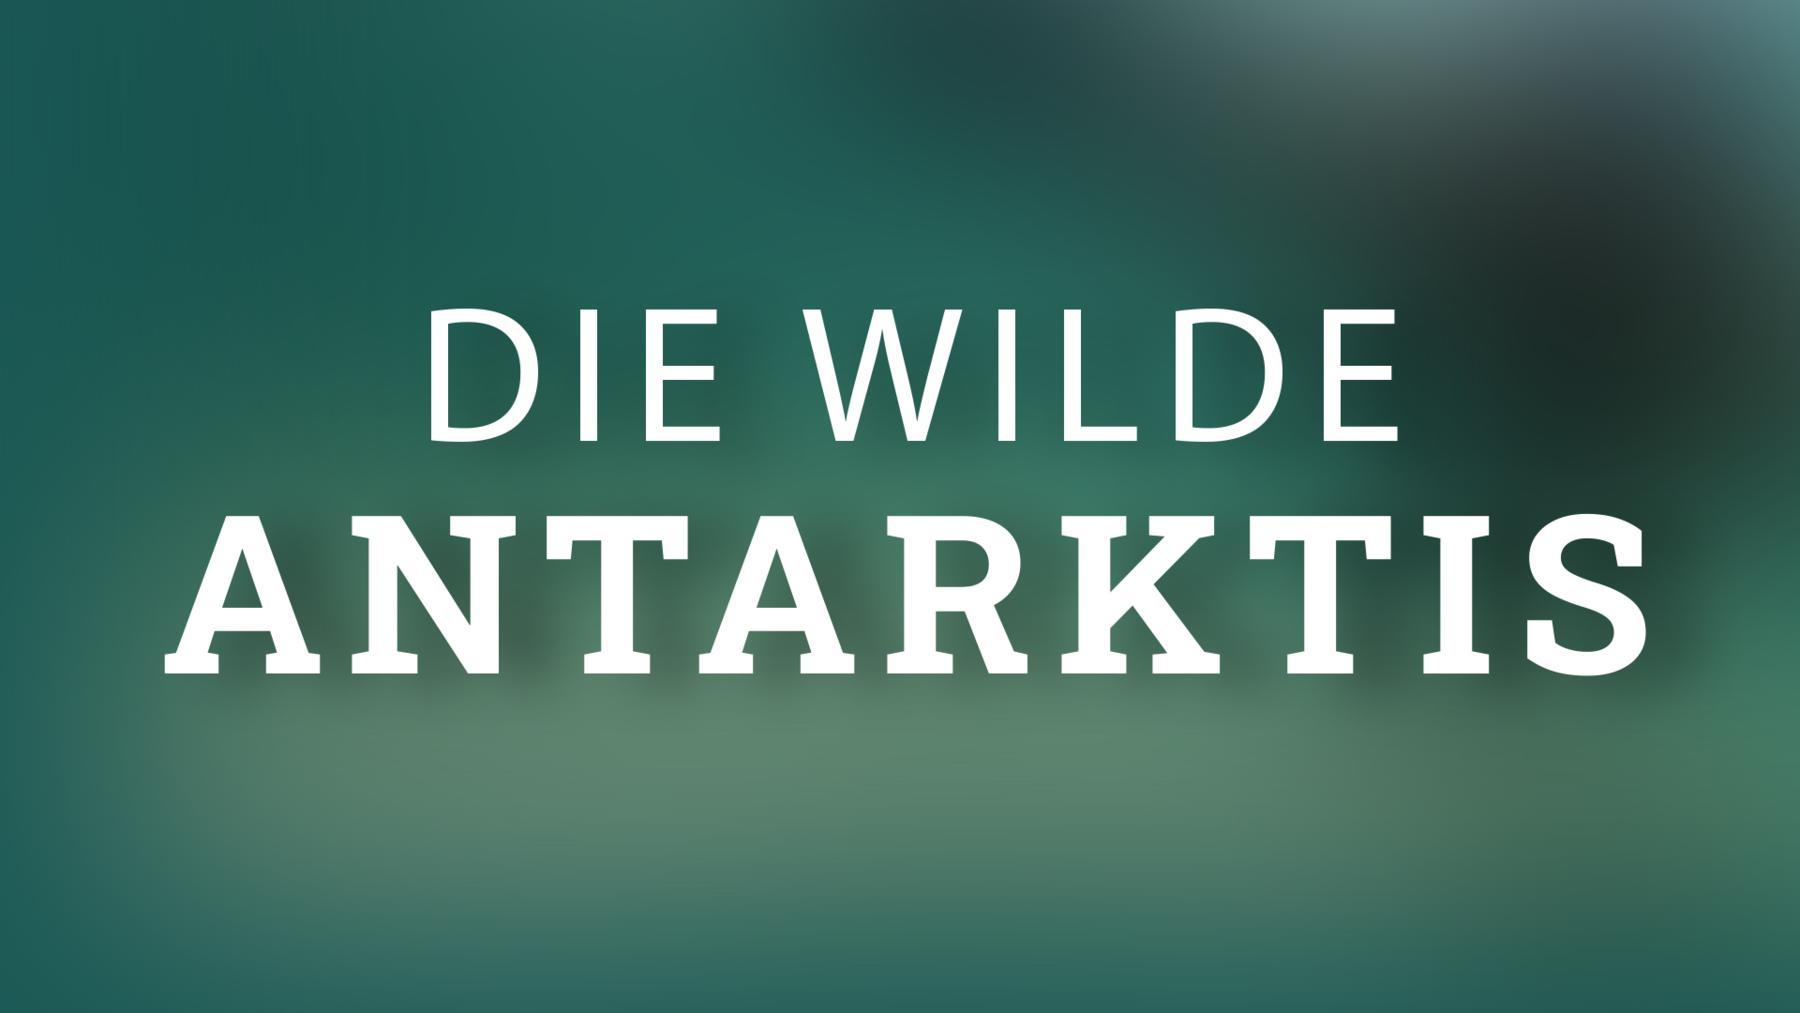 Wilde Antarktis